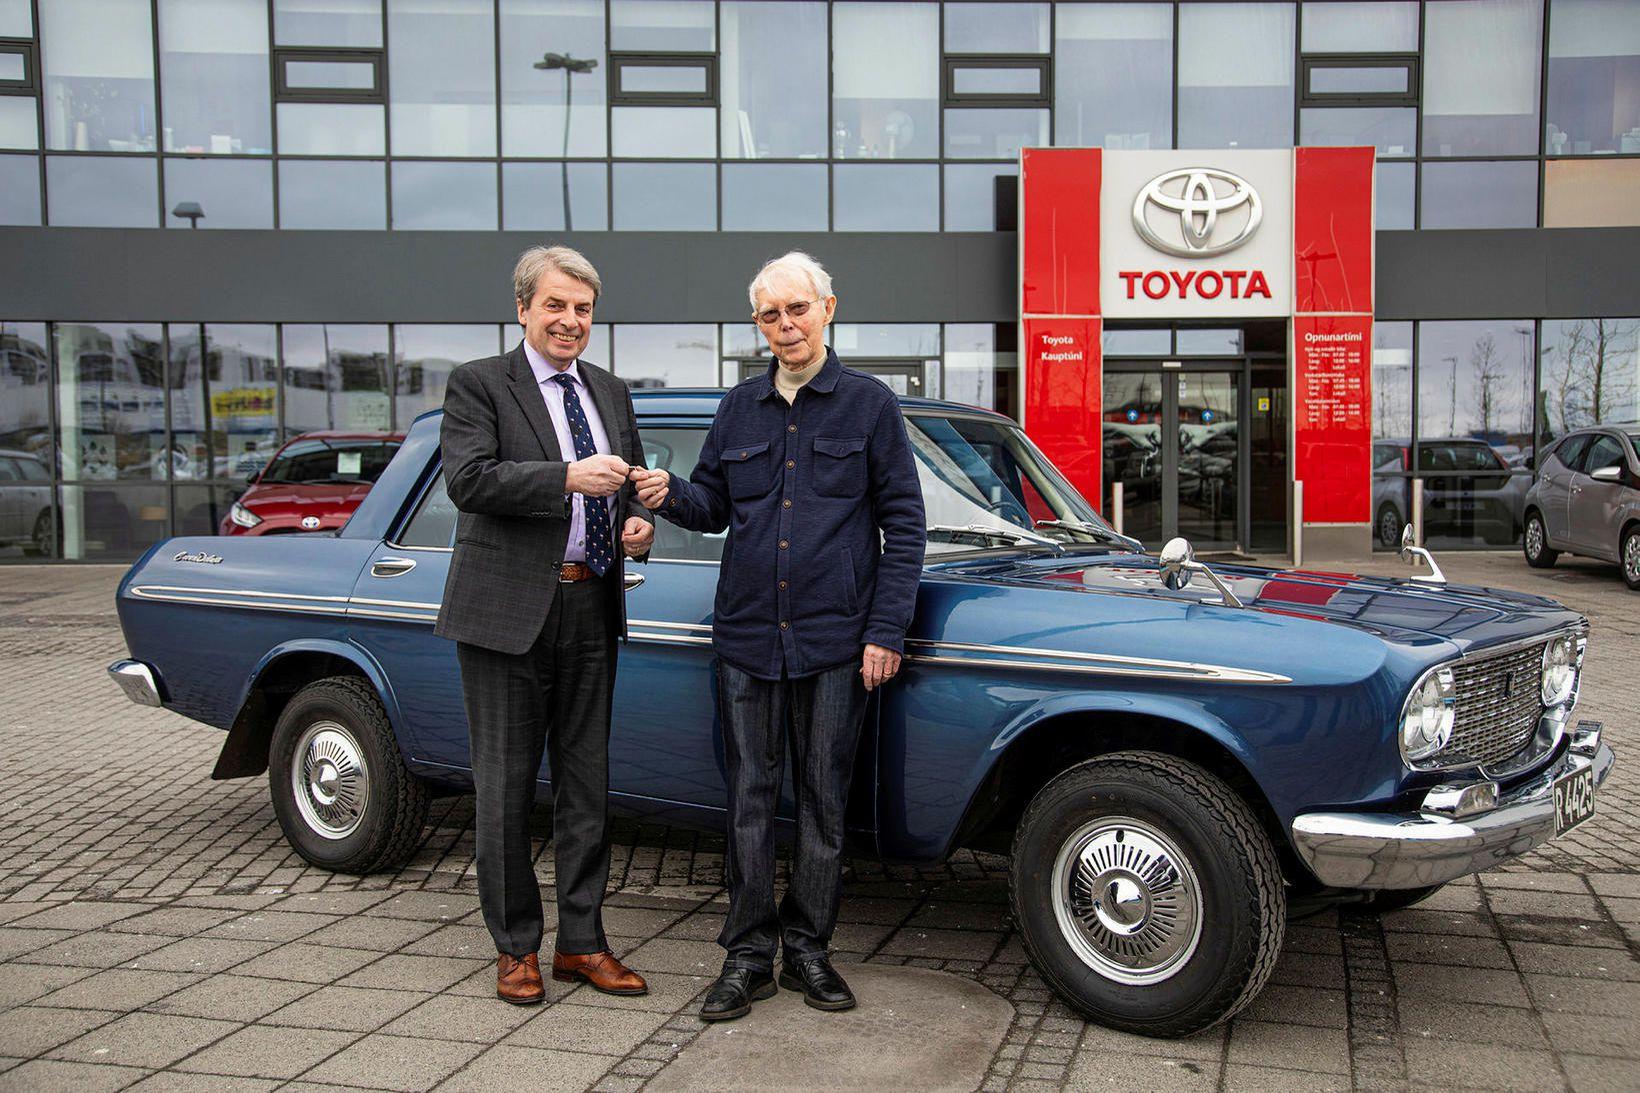 Úlfar Steindórsson, t.v., forstjóri Toyota, tekur við lyklunum að bílnum …